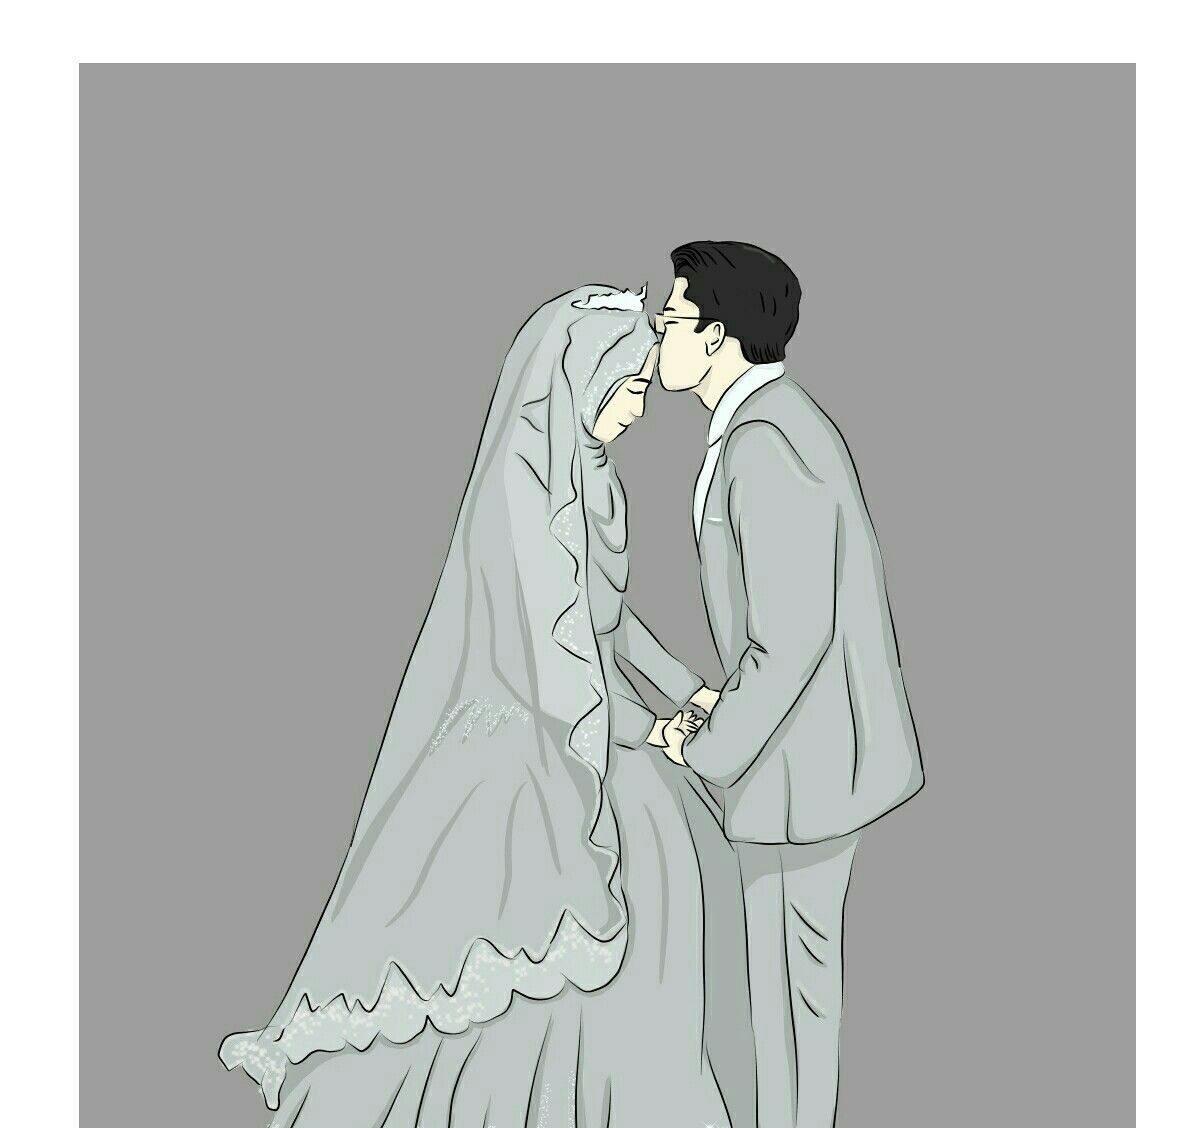 زفاف و رومانسية لزوجين العروسة محجبة و جميلة.